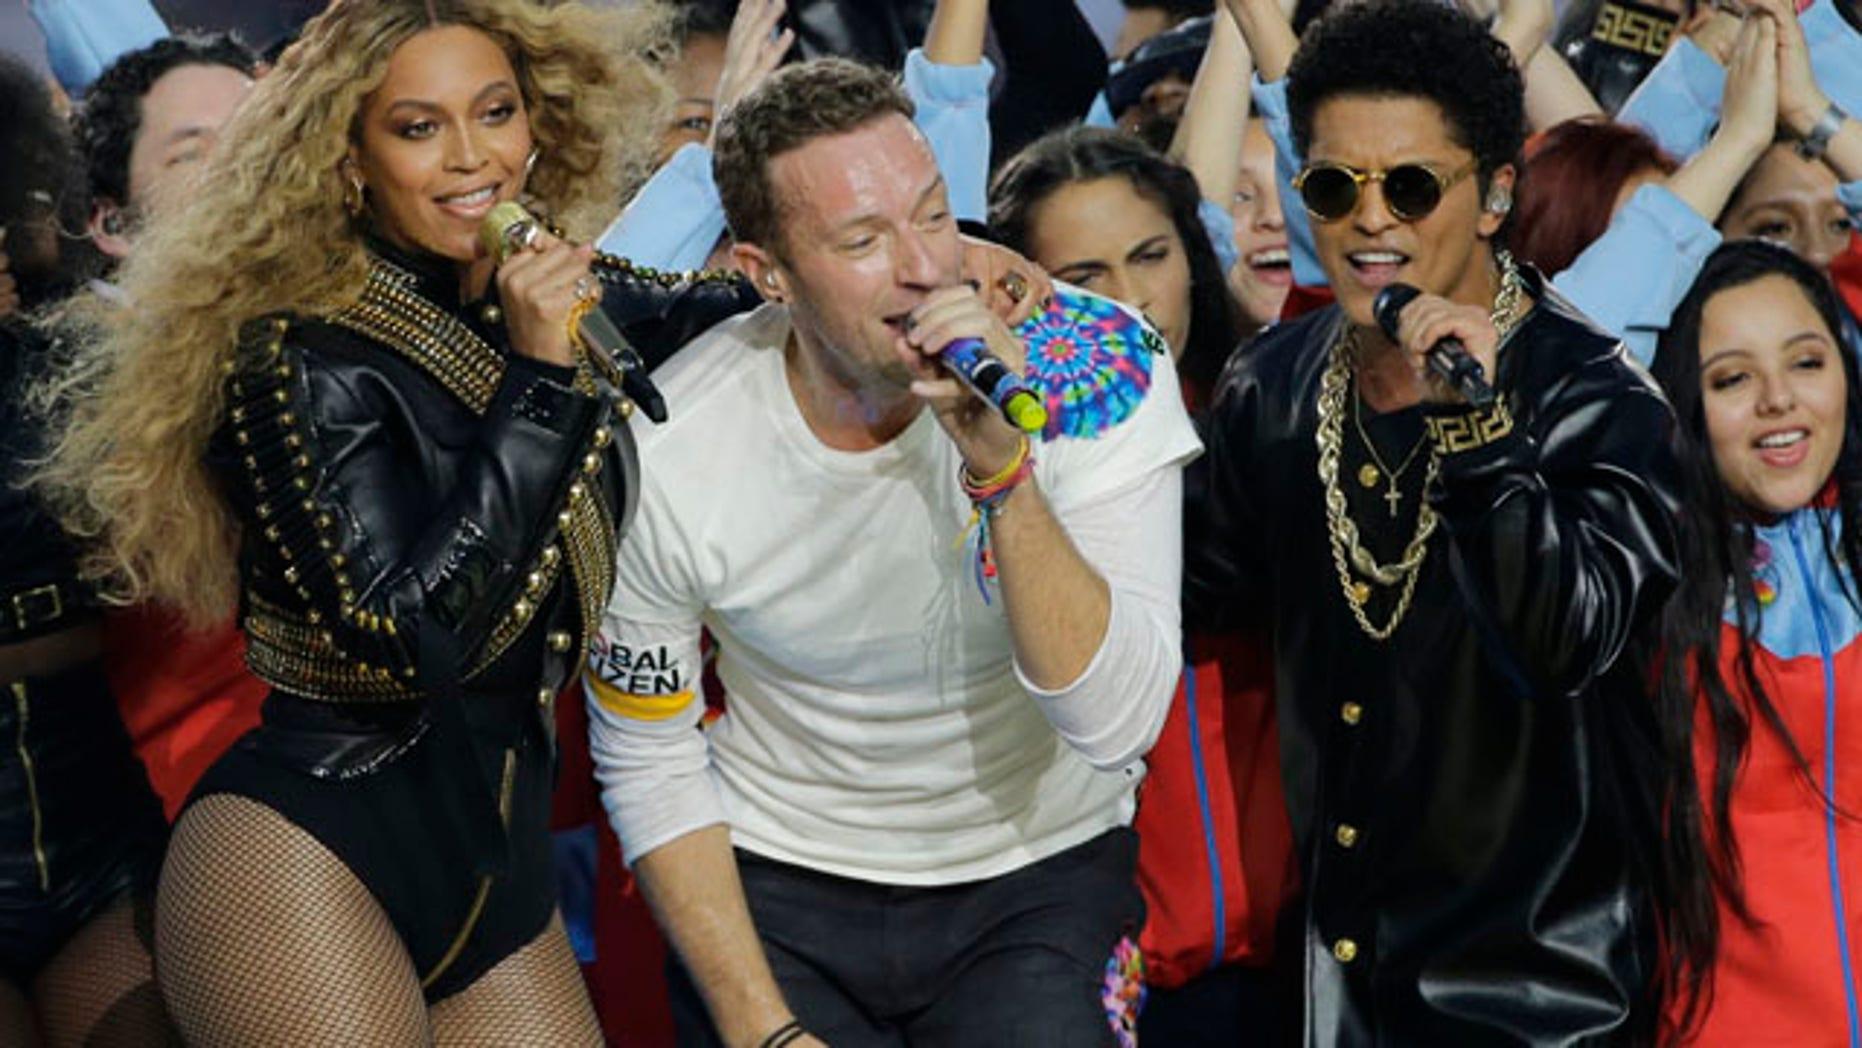 Feb. 7, 2016: Beyoncé, Coldplay singer Chris Martin and Bruno Mars perform during halftime of Super Bowl 50 in Santa Clara, Calif. (AP Photo/David J. Phillip)